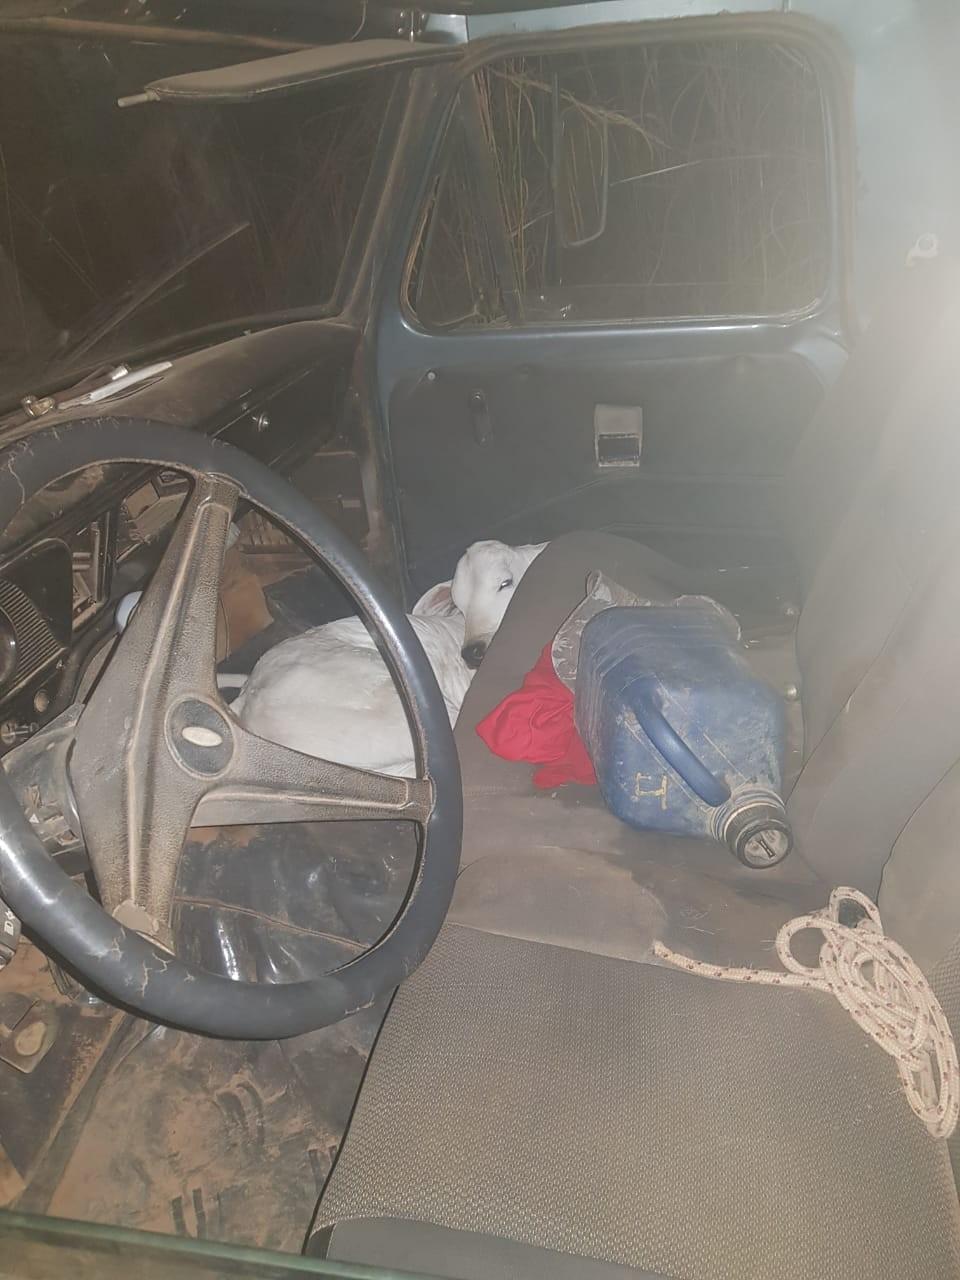 Homens são presos por furto de gado após serem flagrados com animal amarrado na cabine de caminhonete - Notícias - Plantão Diário